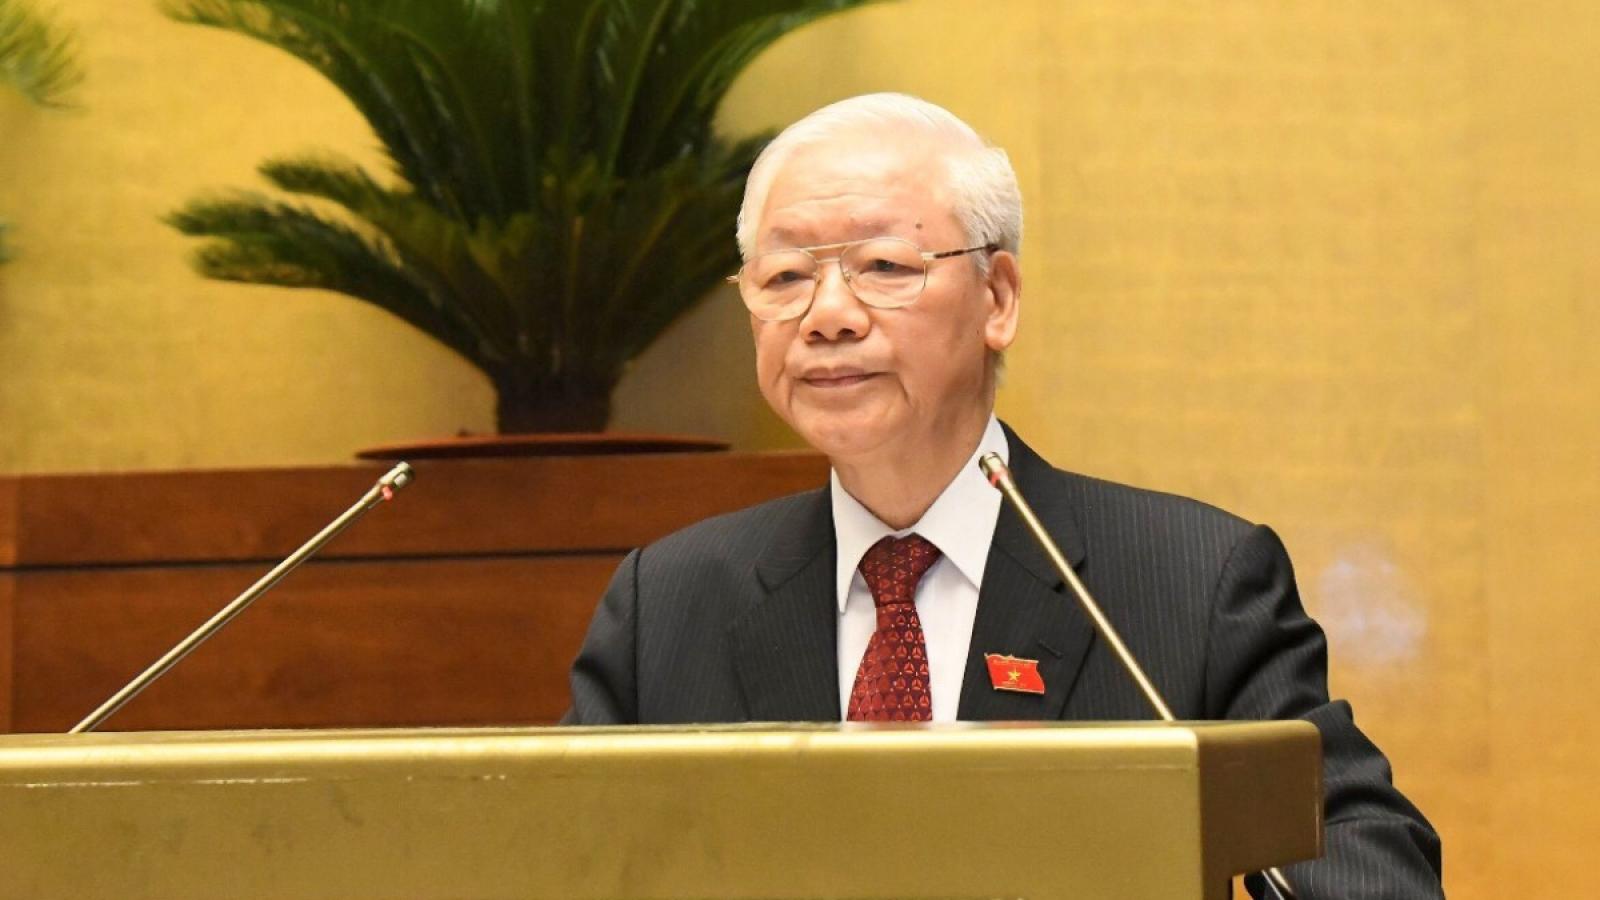 Toàn văn phát biểu của Tổng Bí thư tại Kỳ họp thứ nhất, Quốc hội khóa XV